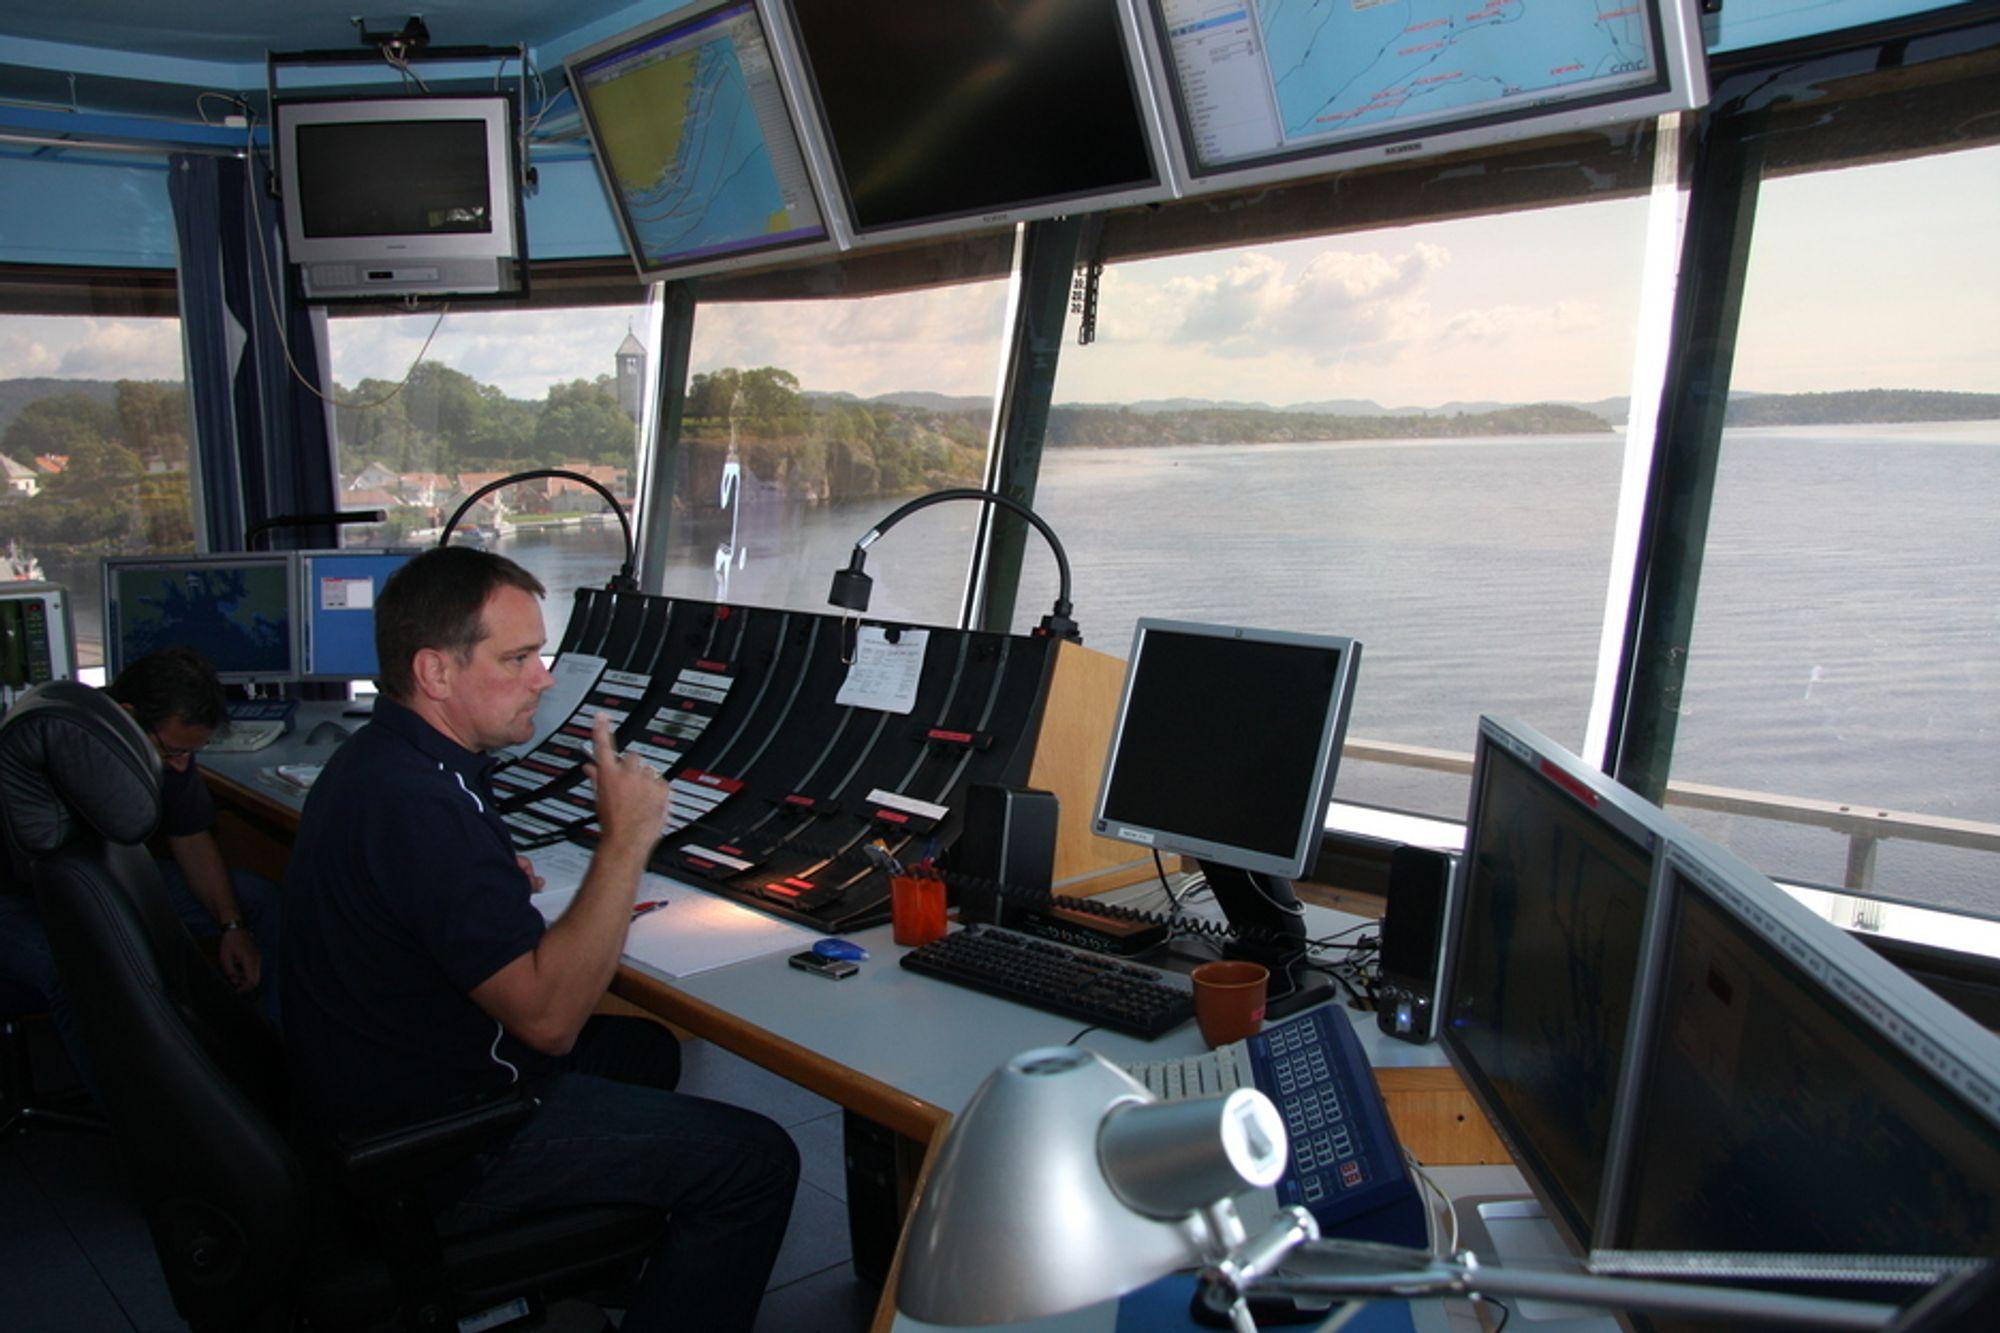 GODT SPRÅK: God kommunikasjon mellom trafikksentraler - her fra VTS i Brevik - og skip, forutsetter gode språkkunnskaper.